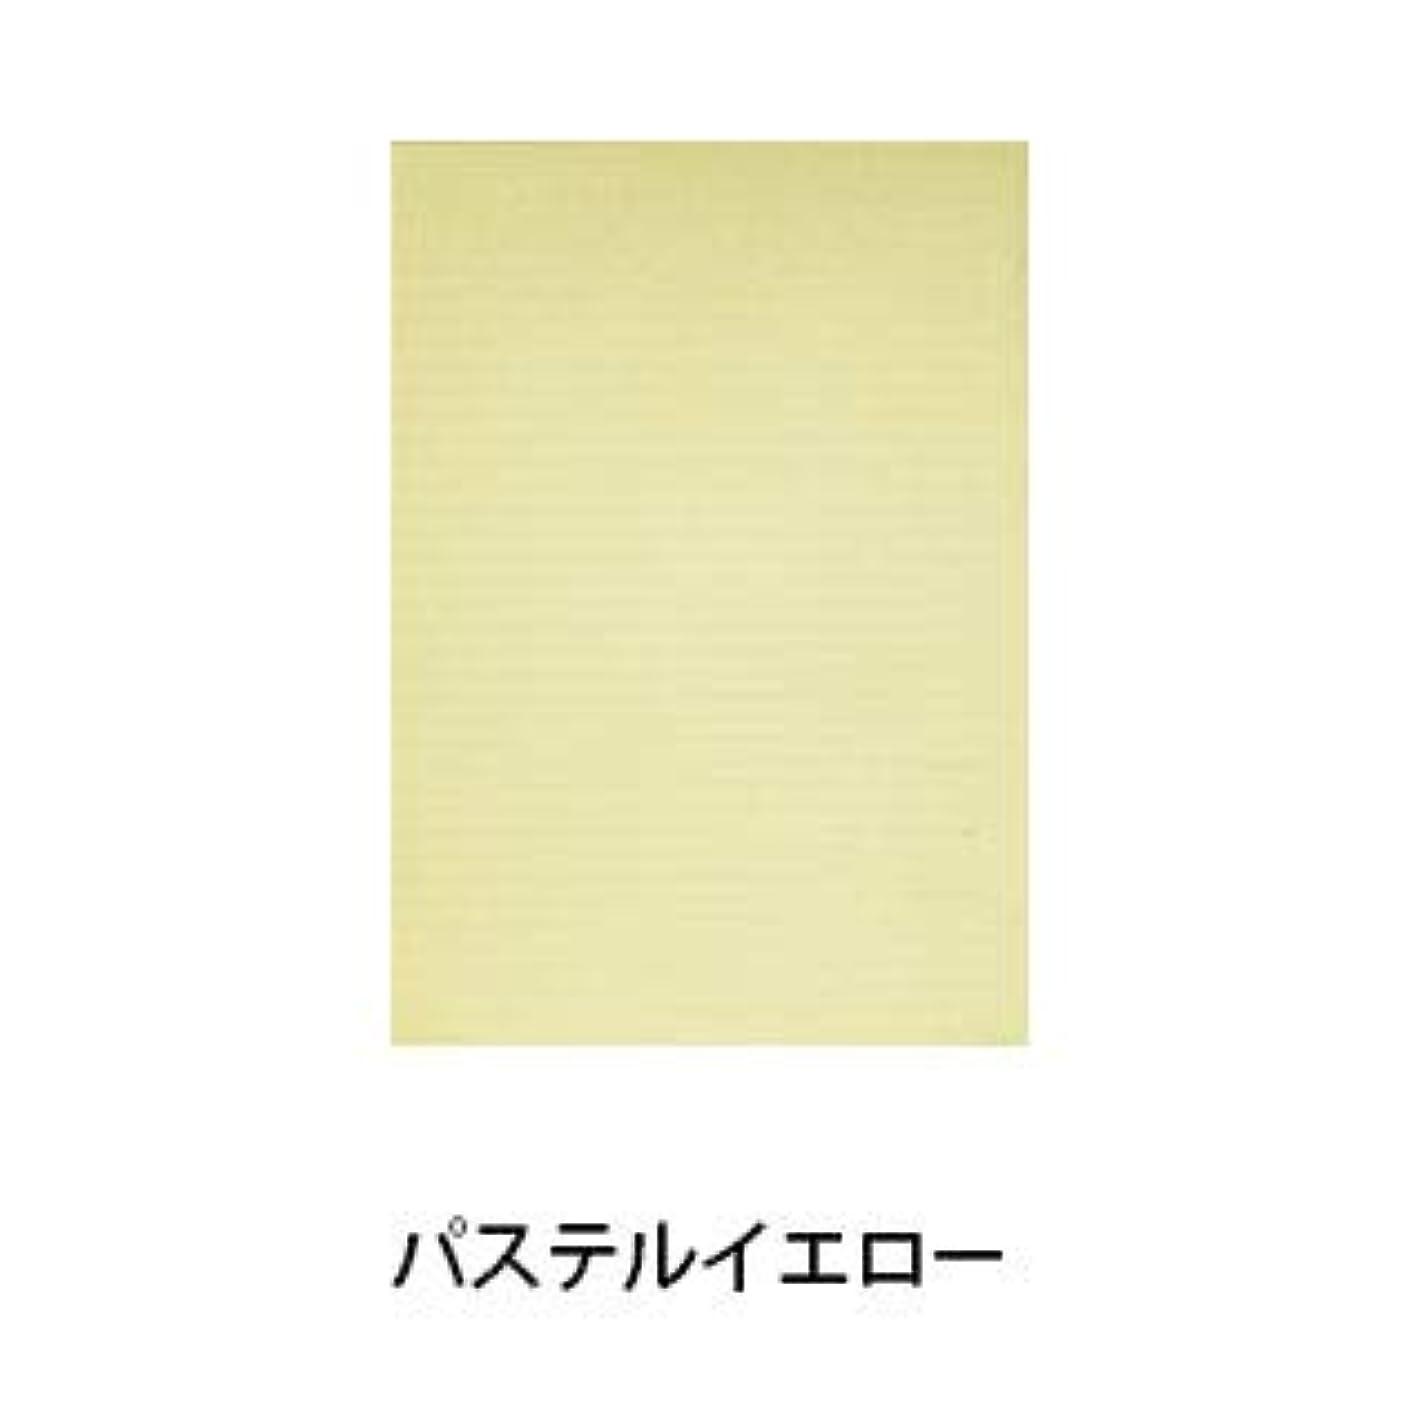 幼児スーダン援助【パステルシリーズ】100枚入り ネイルシート ペーパークロス (パステルイエロー)